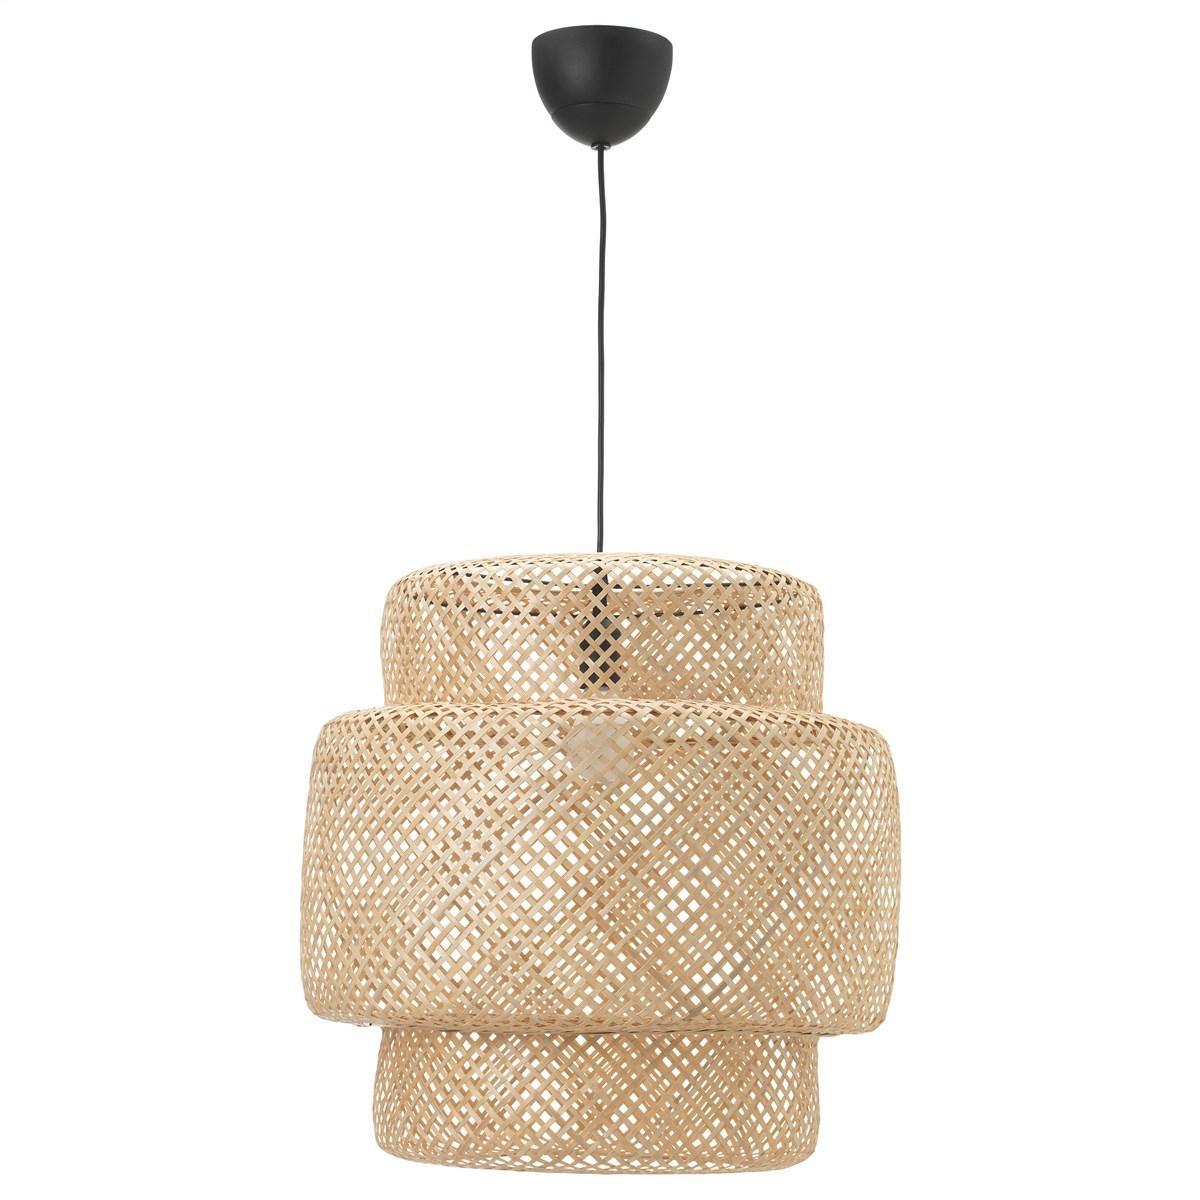 подвесной светильник Ikea Sinnerlig бамбук 70311697 купить в